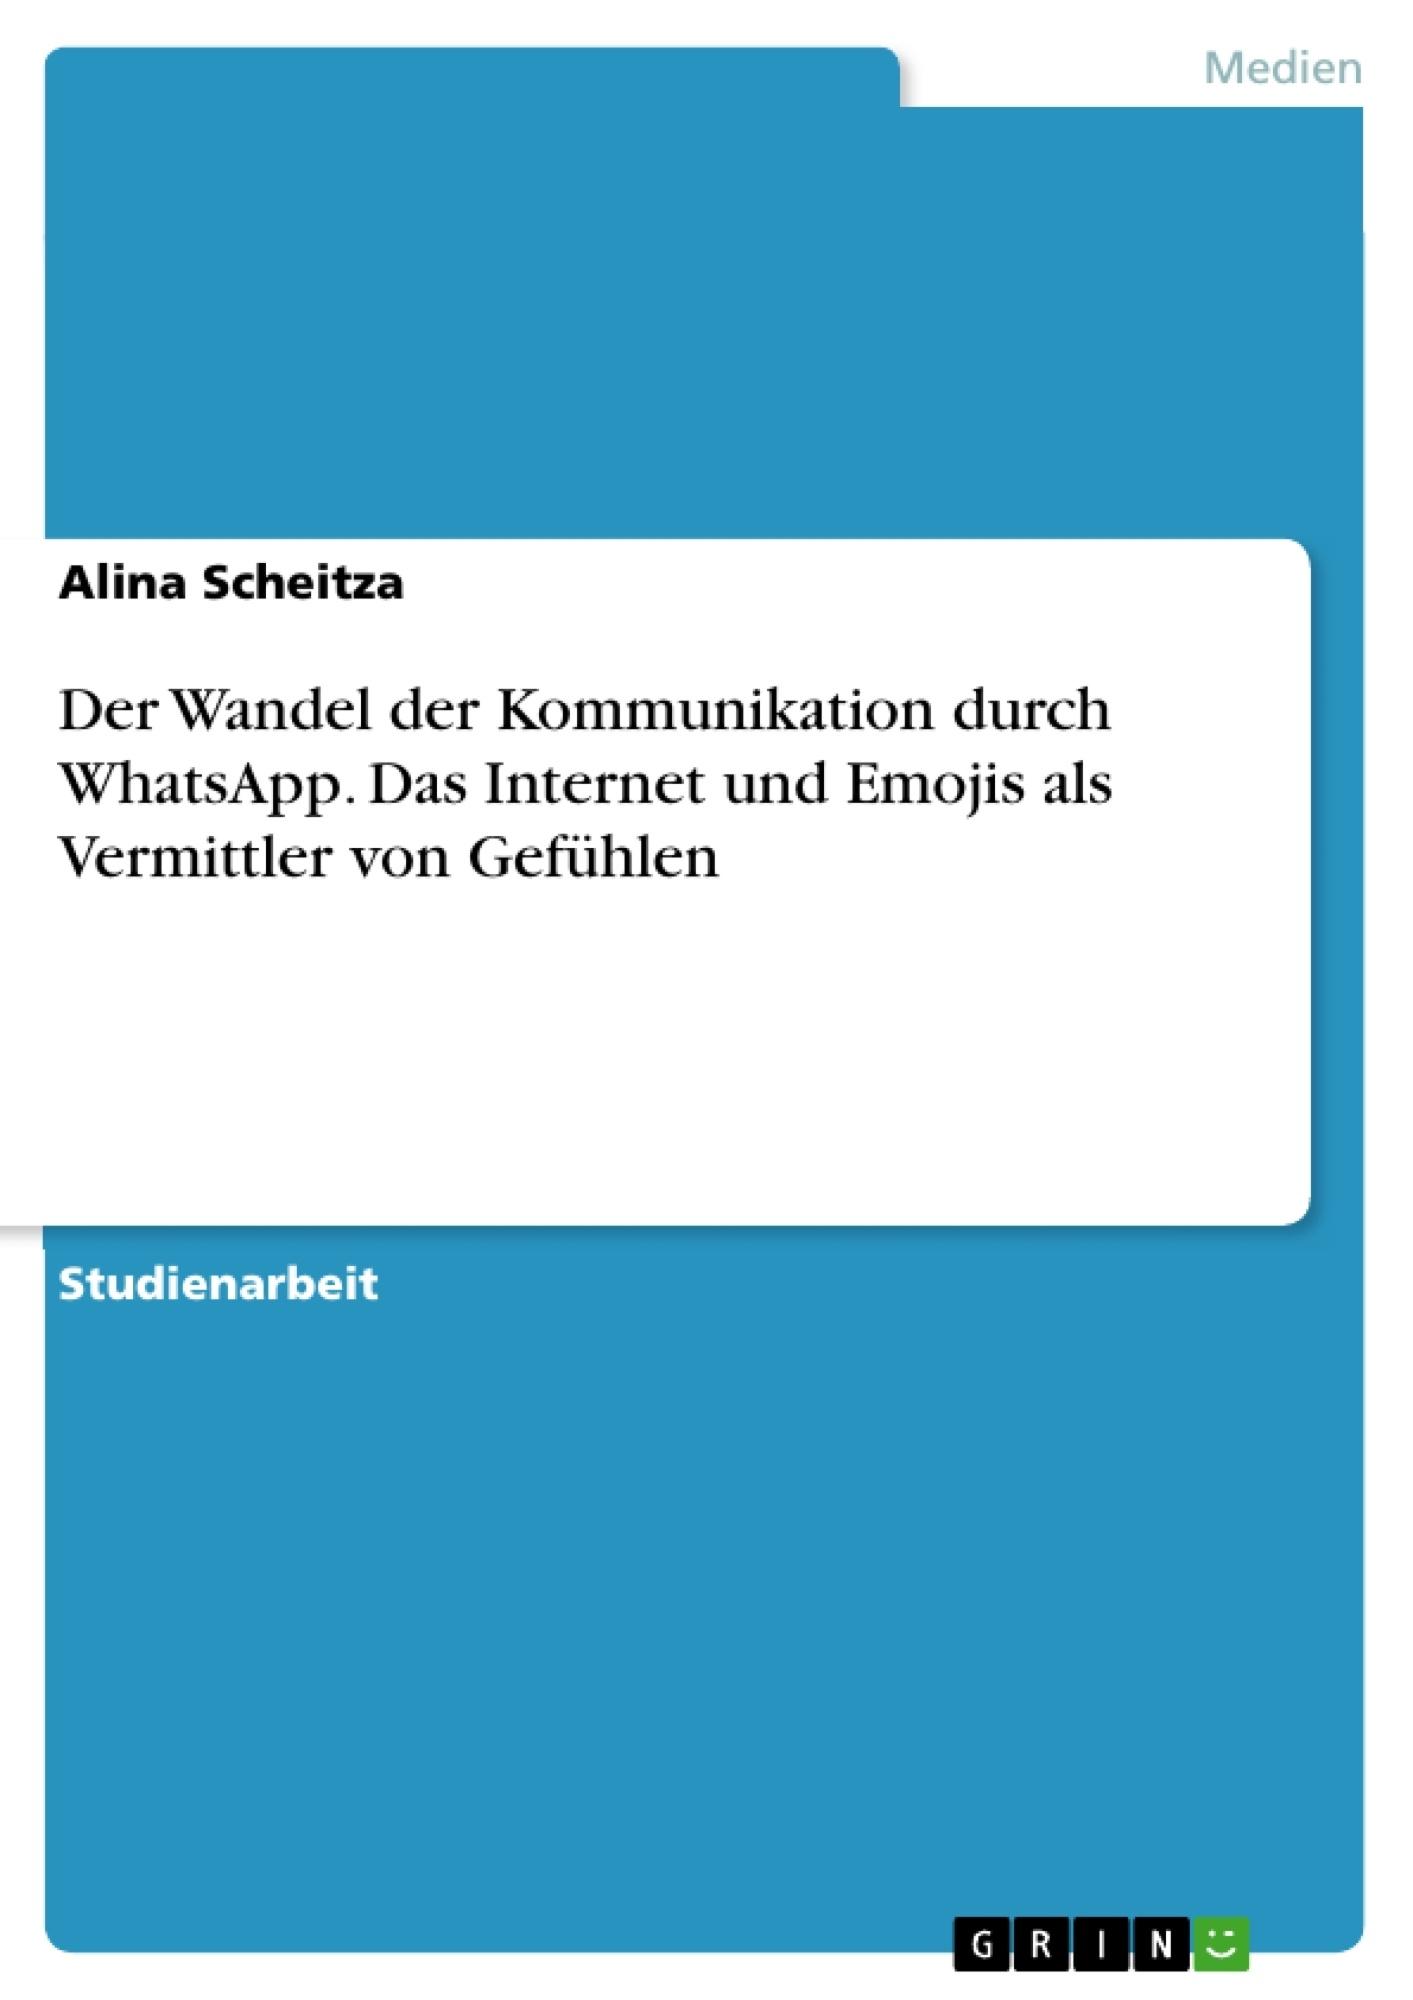 Titel: Der Wandel der Kommunikation durch WhatsApp. Das Internet und Emojis als Vermittler von Gefühlen